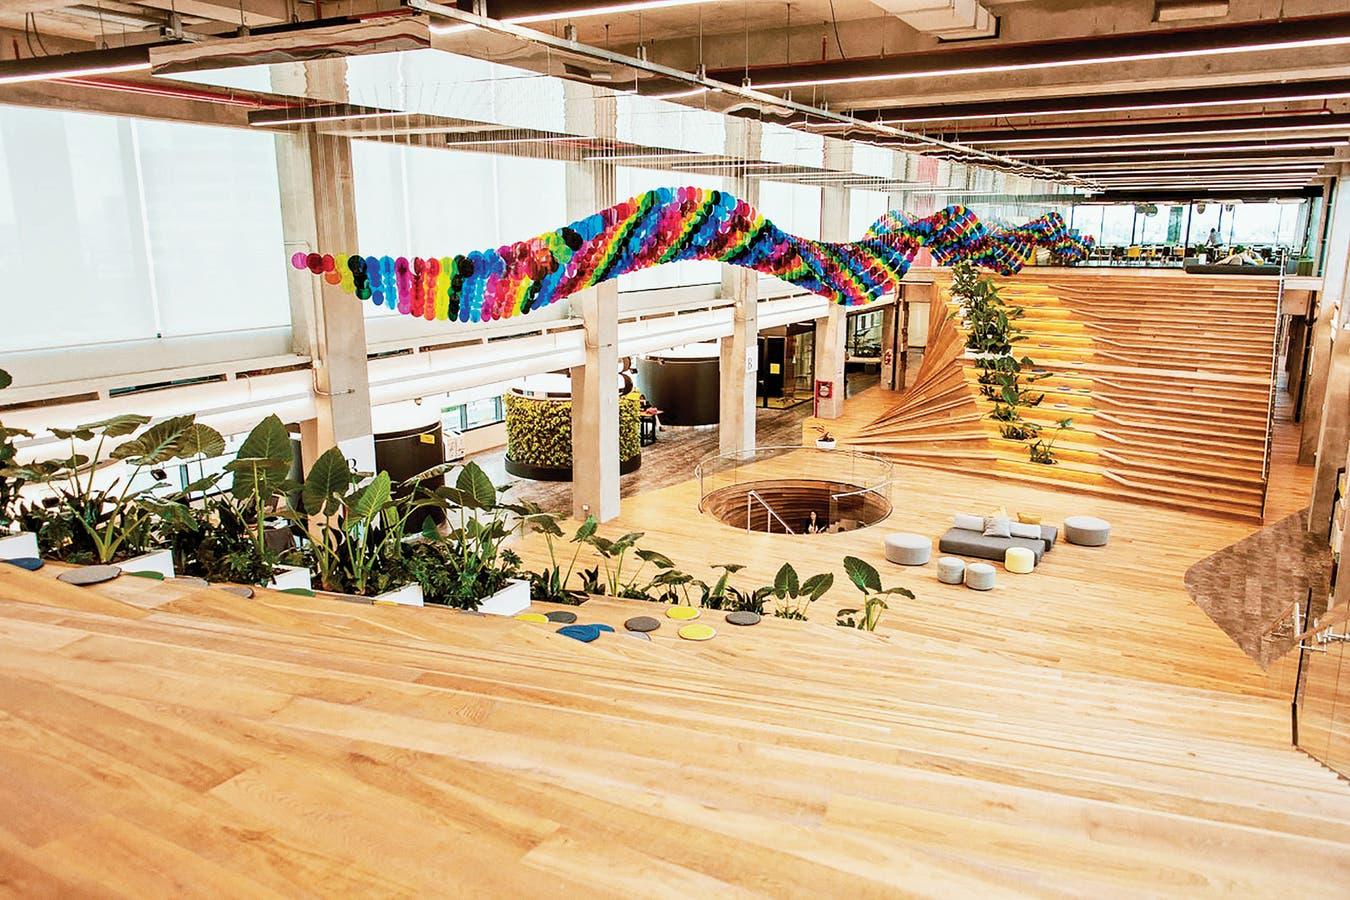 El moderno edificio de oficinas, en Saavedra, fue inaugurado a mediados de 2019 con la presencia del presidente, Mauricio Macri